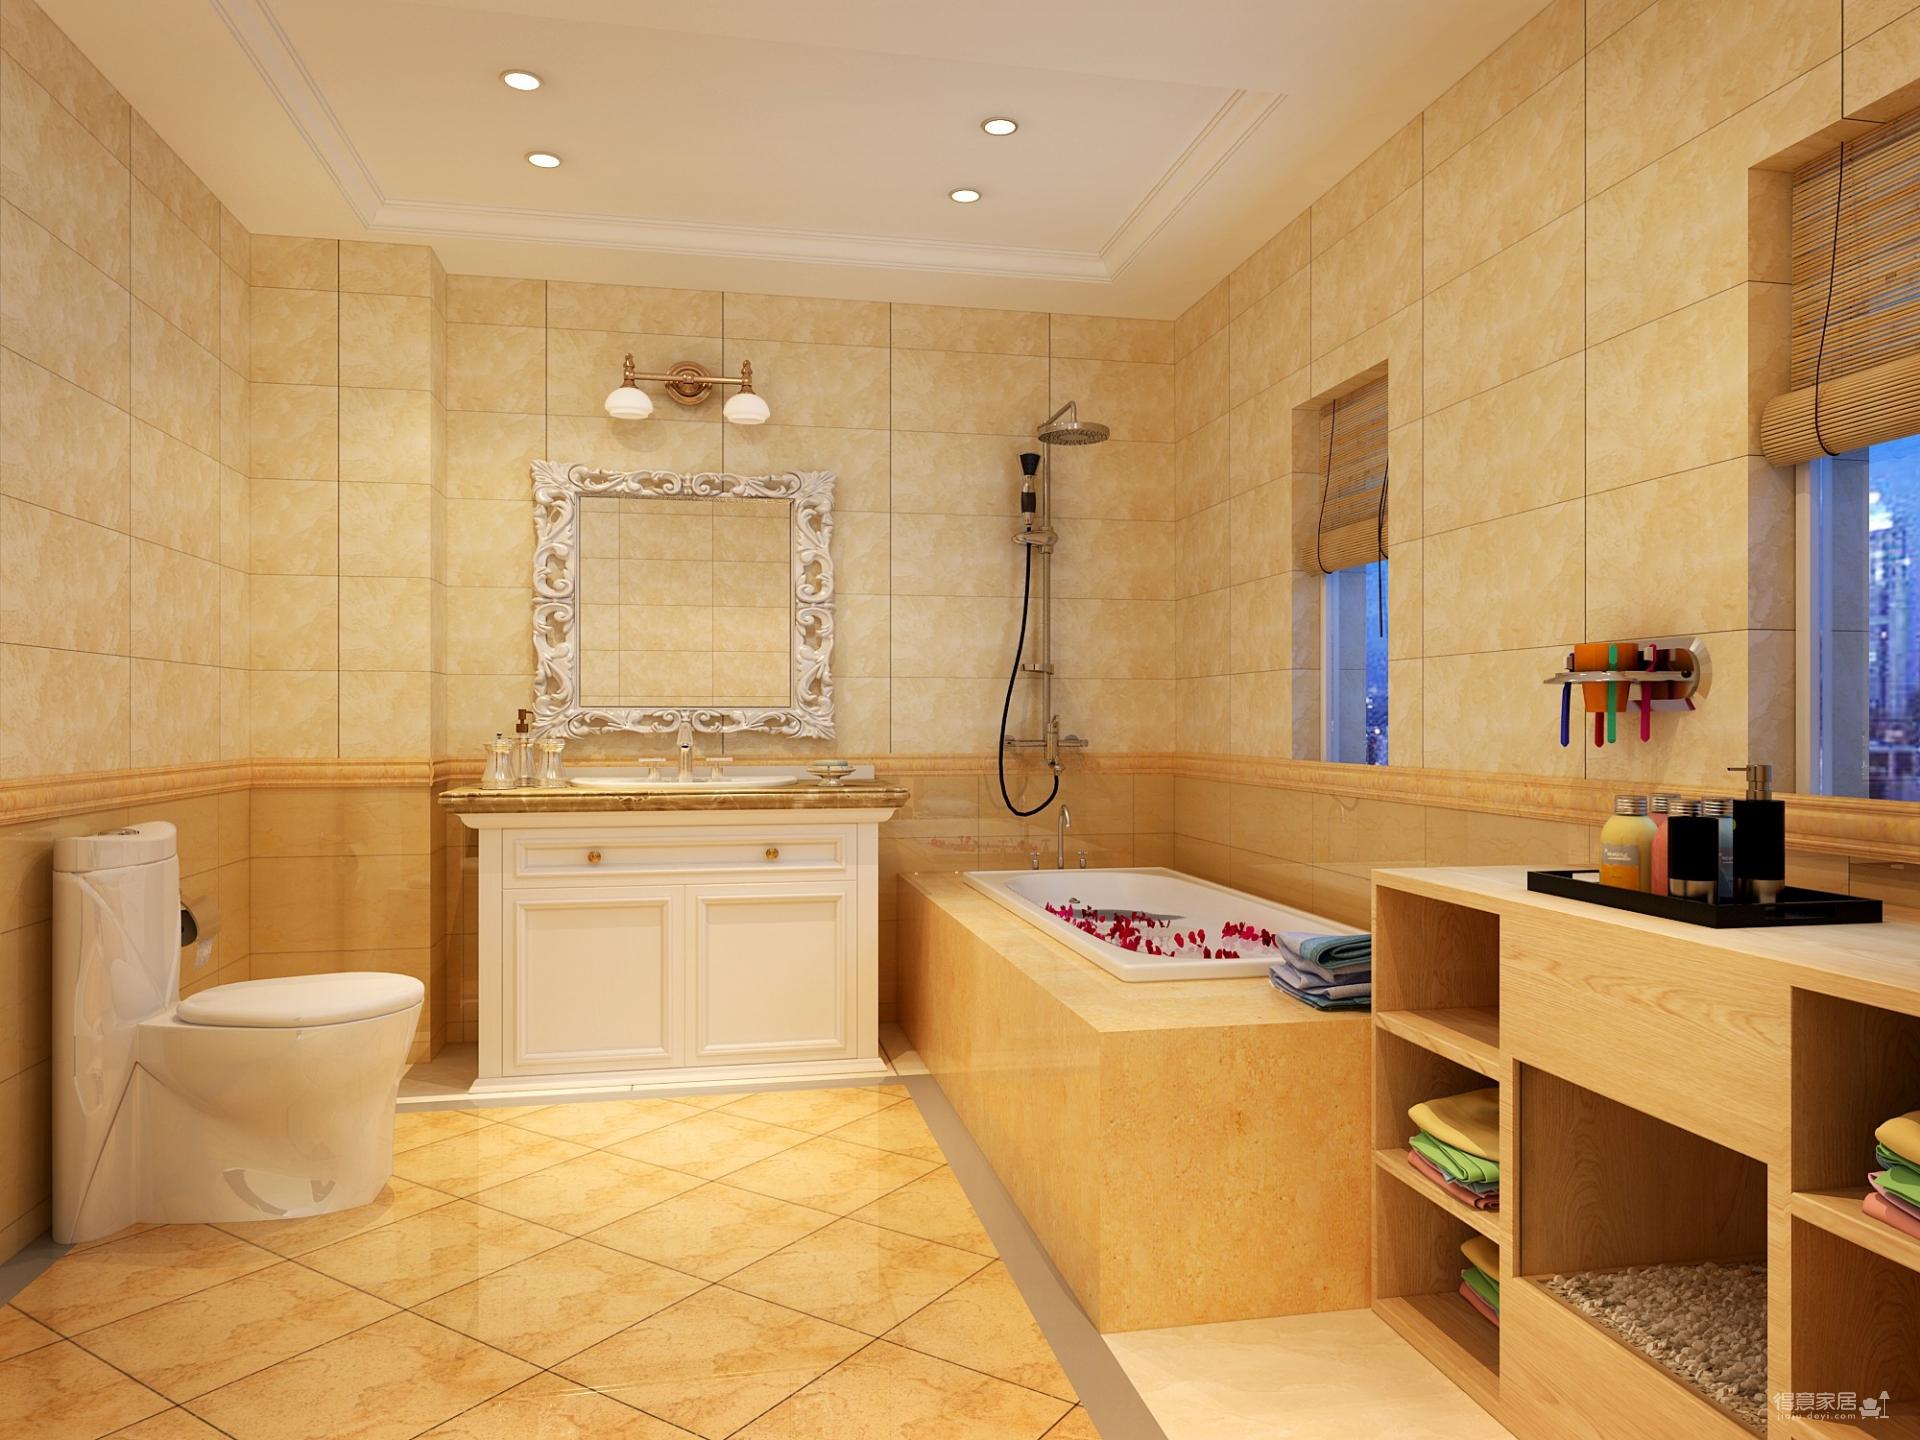 简欧式风格装修图片厕所